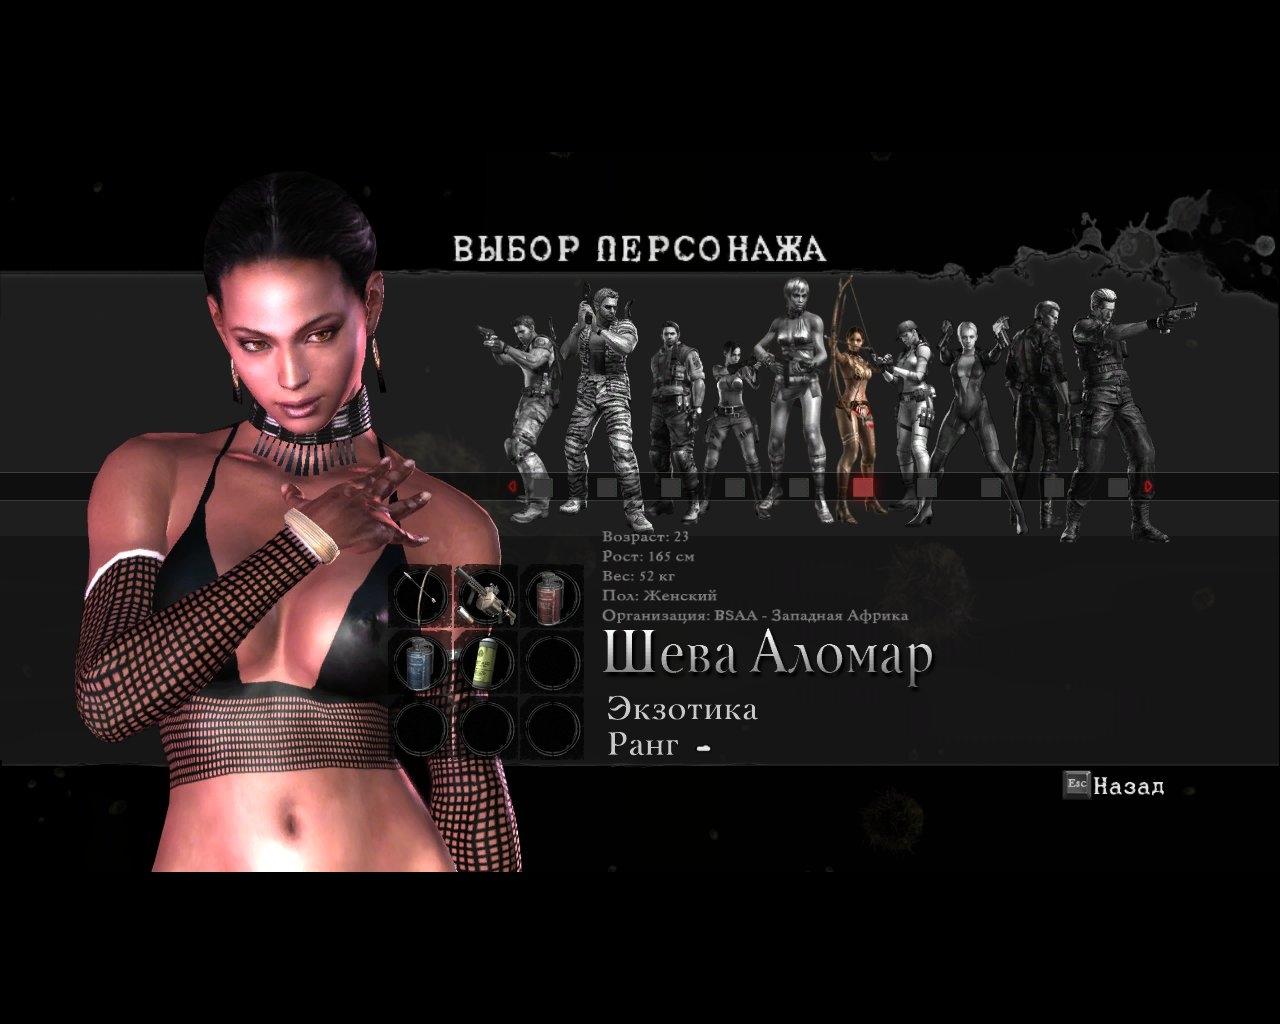 Sheva from resident evil 5 naked sex comic